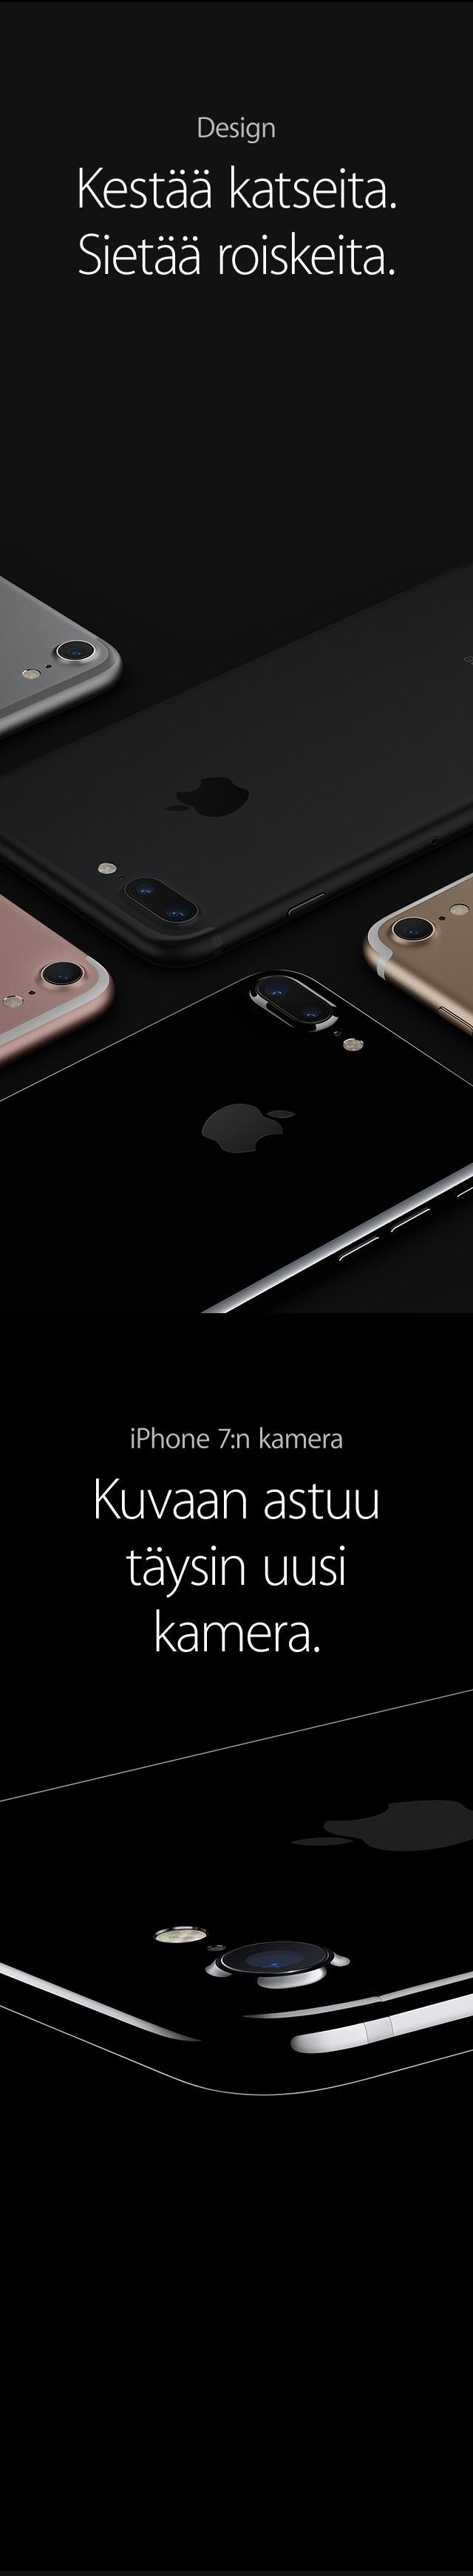 Uskomattomilla ominaisuuksilla varustettu iPhone 7 on todellinen muotovalio. Roiskeita kestävä rakenne, huippuluokan kamera ja aivan uusi kotinäppäin asettavat älypuhelimelle uuden standardin.